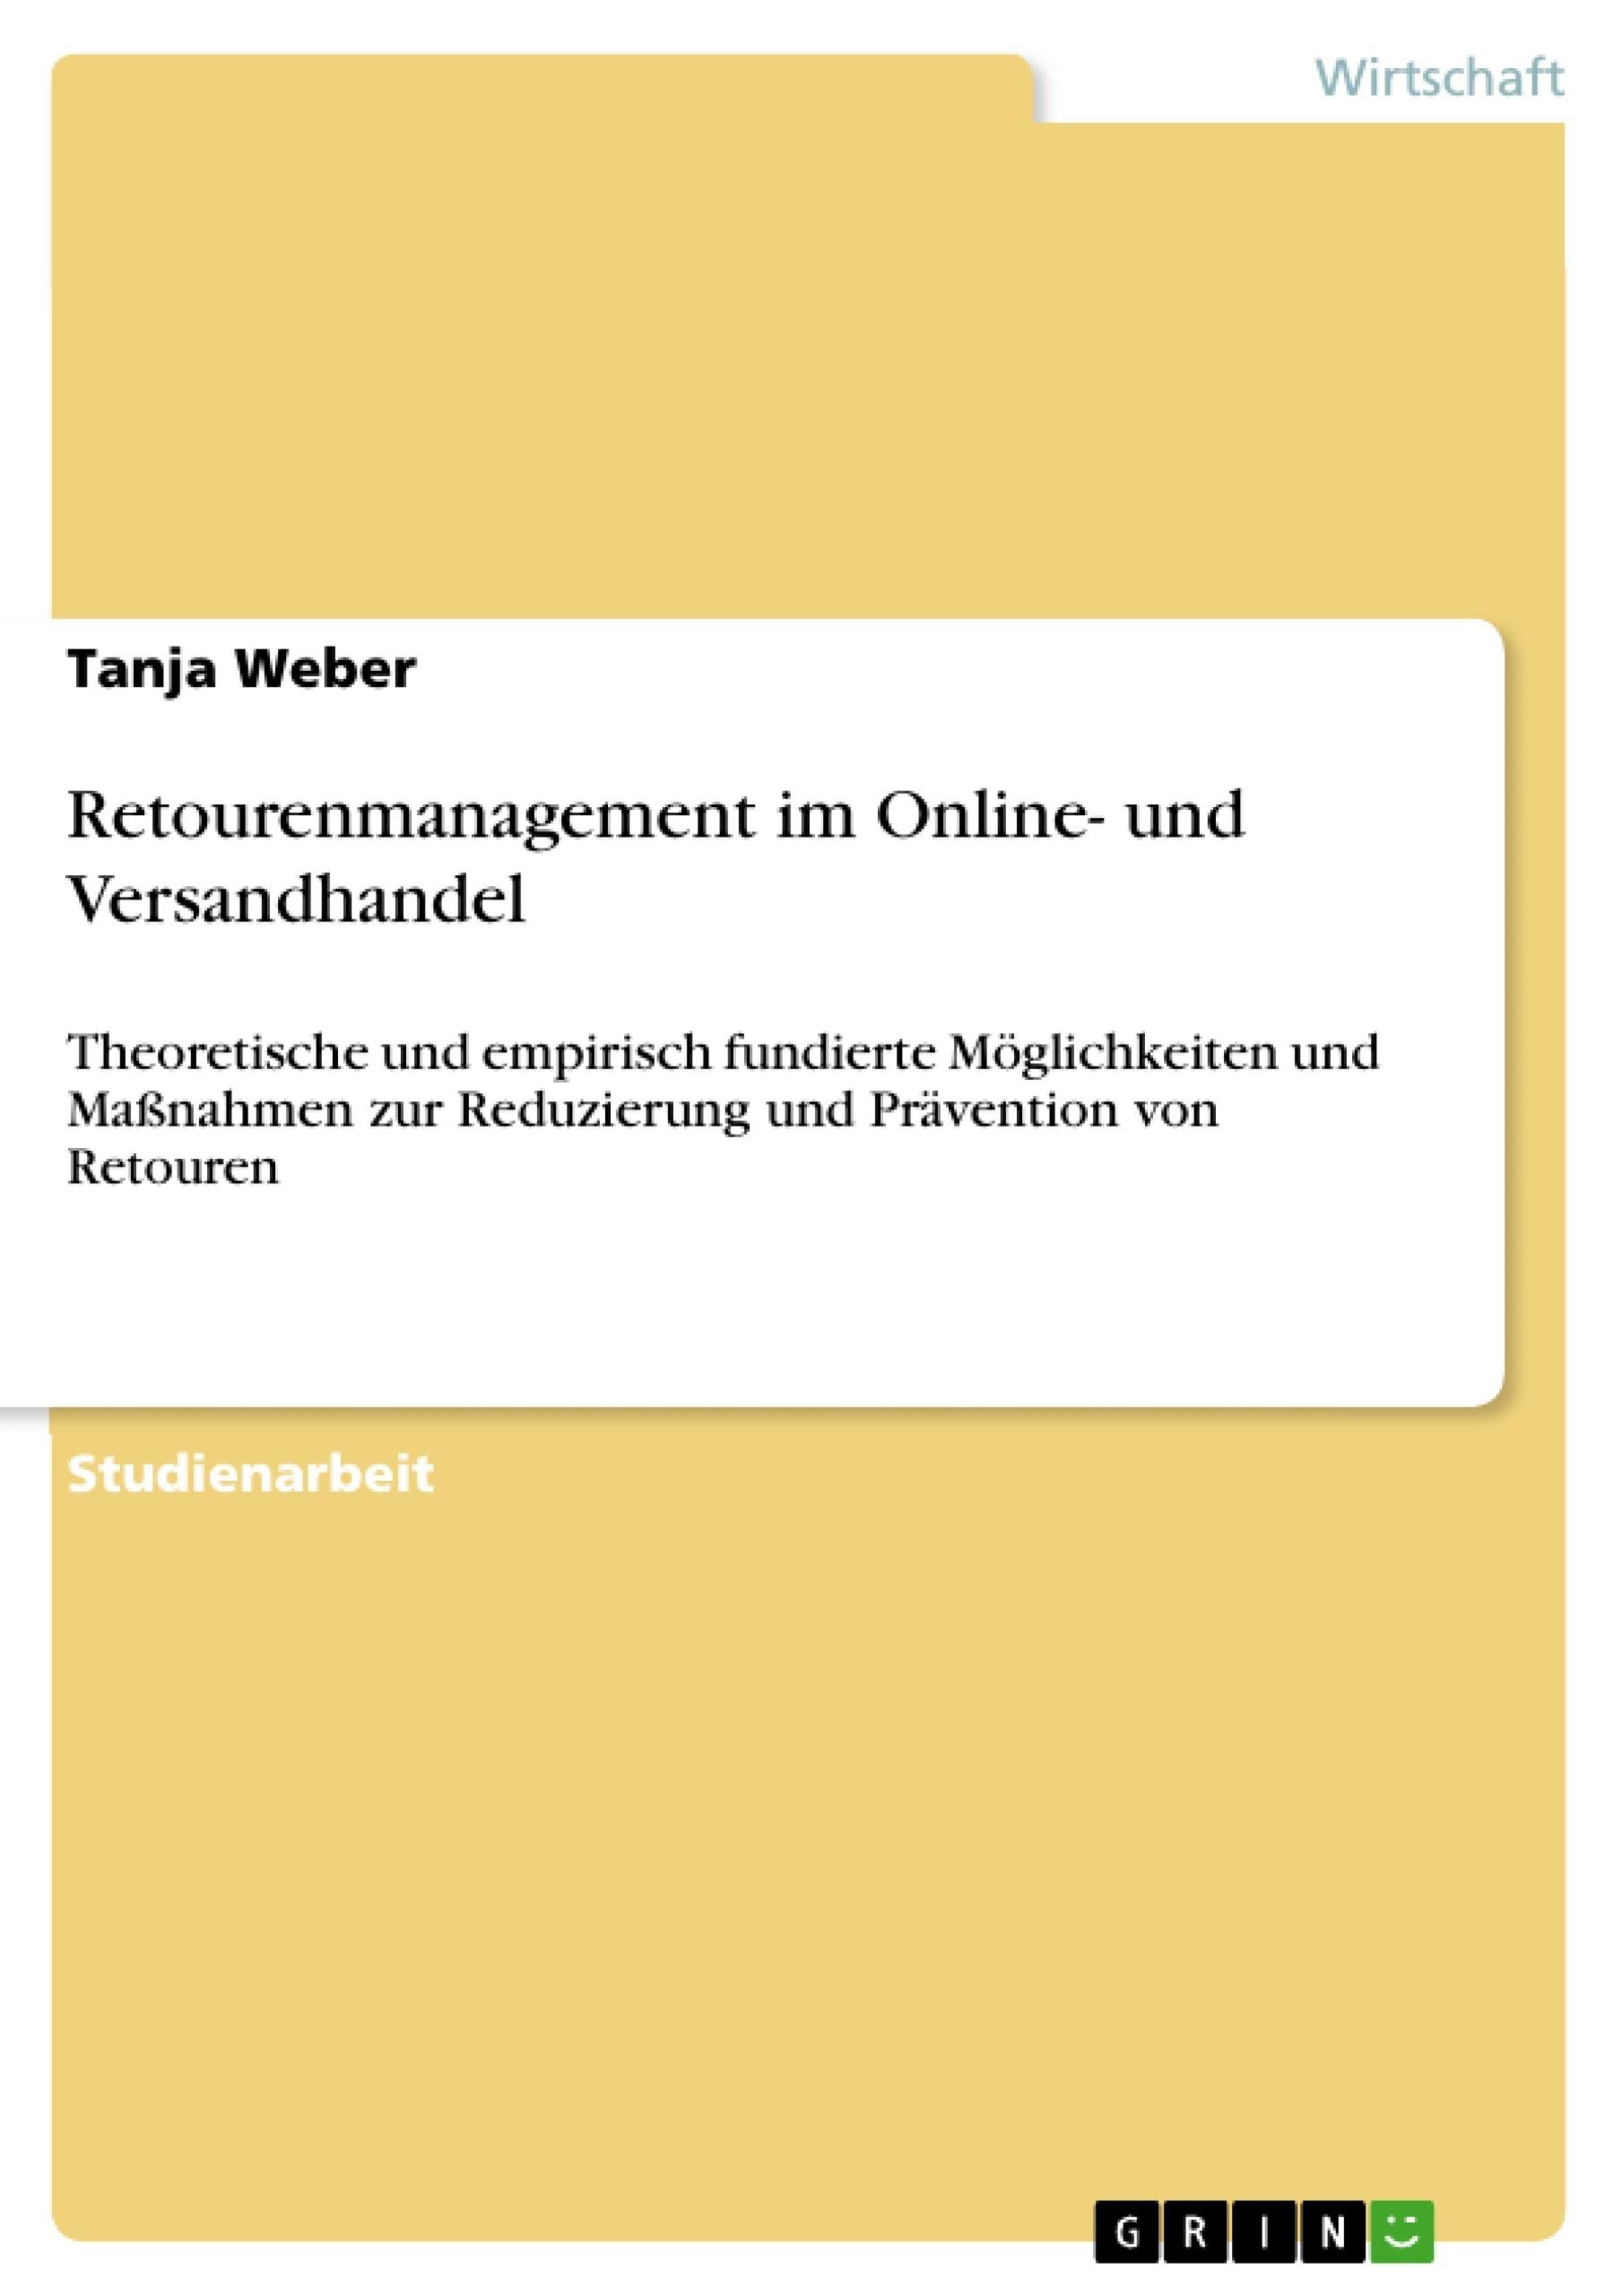 Titel: Retourenmanagement im Online- und Versandhandel